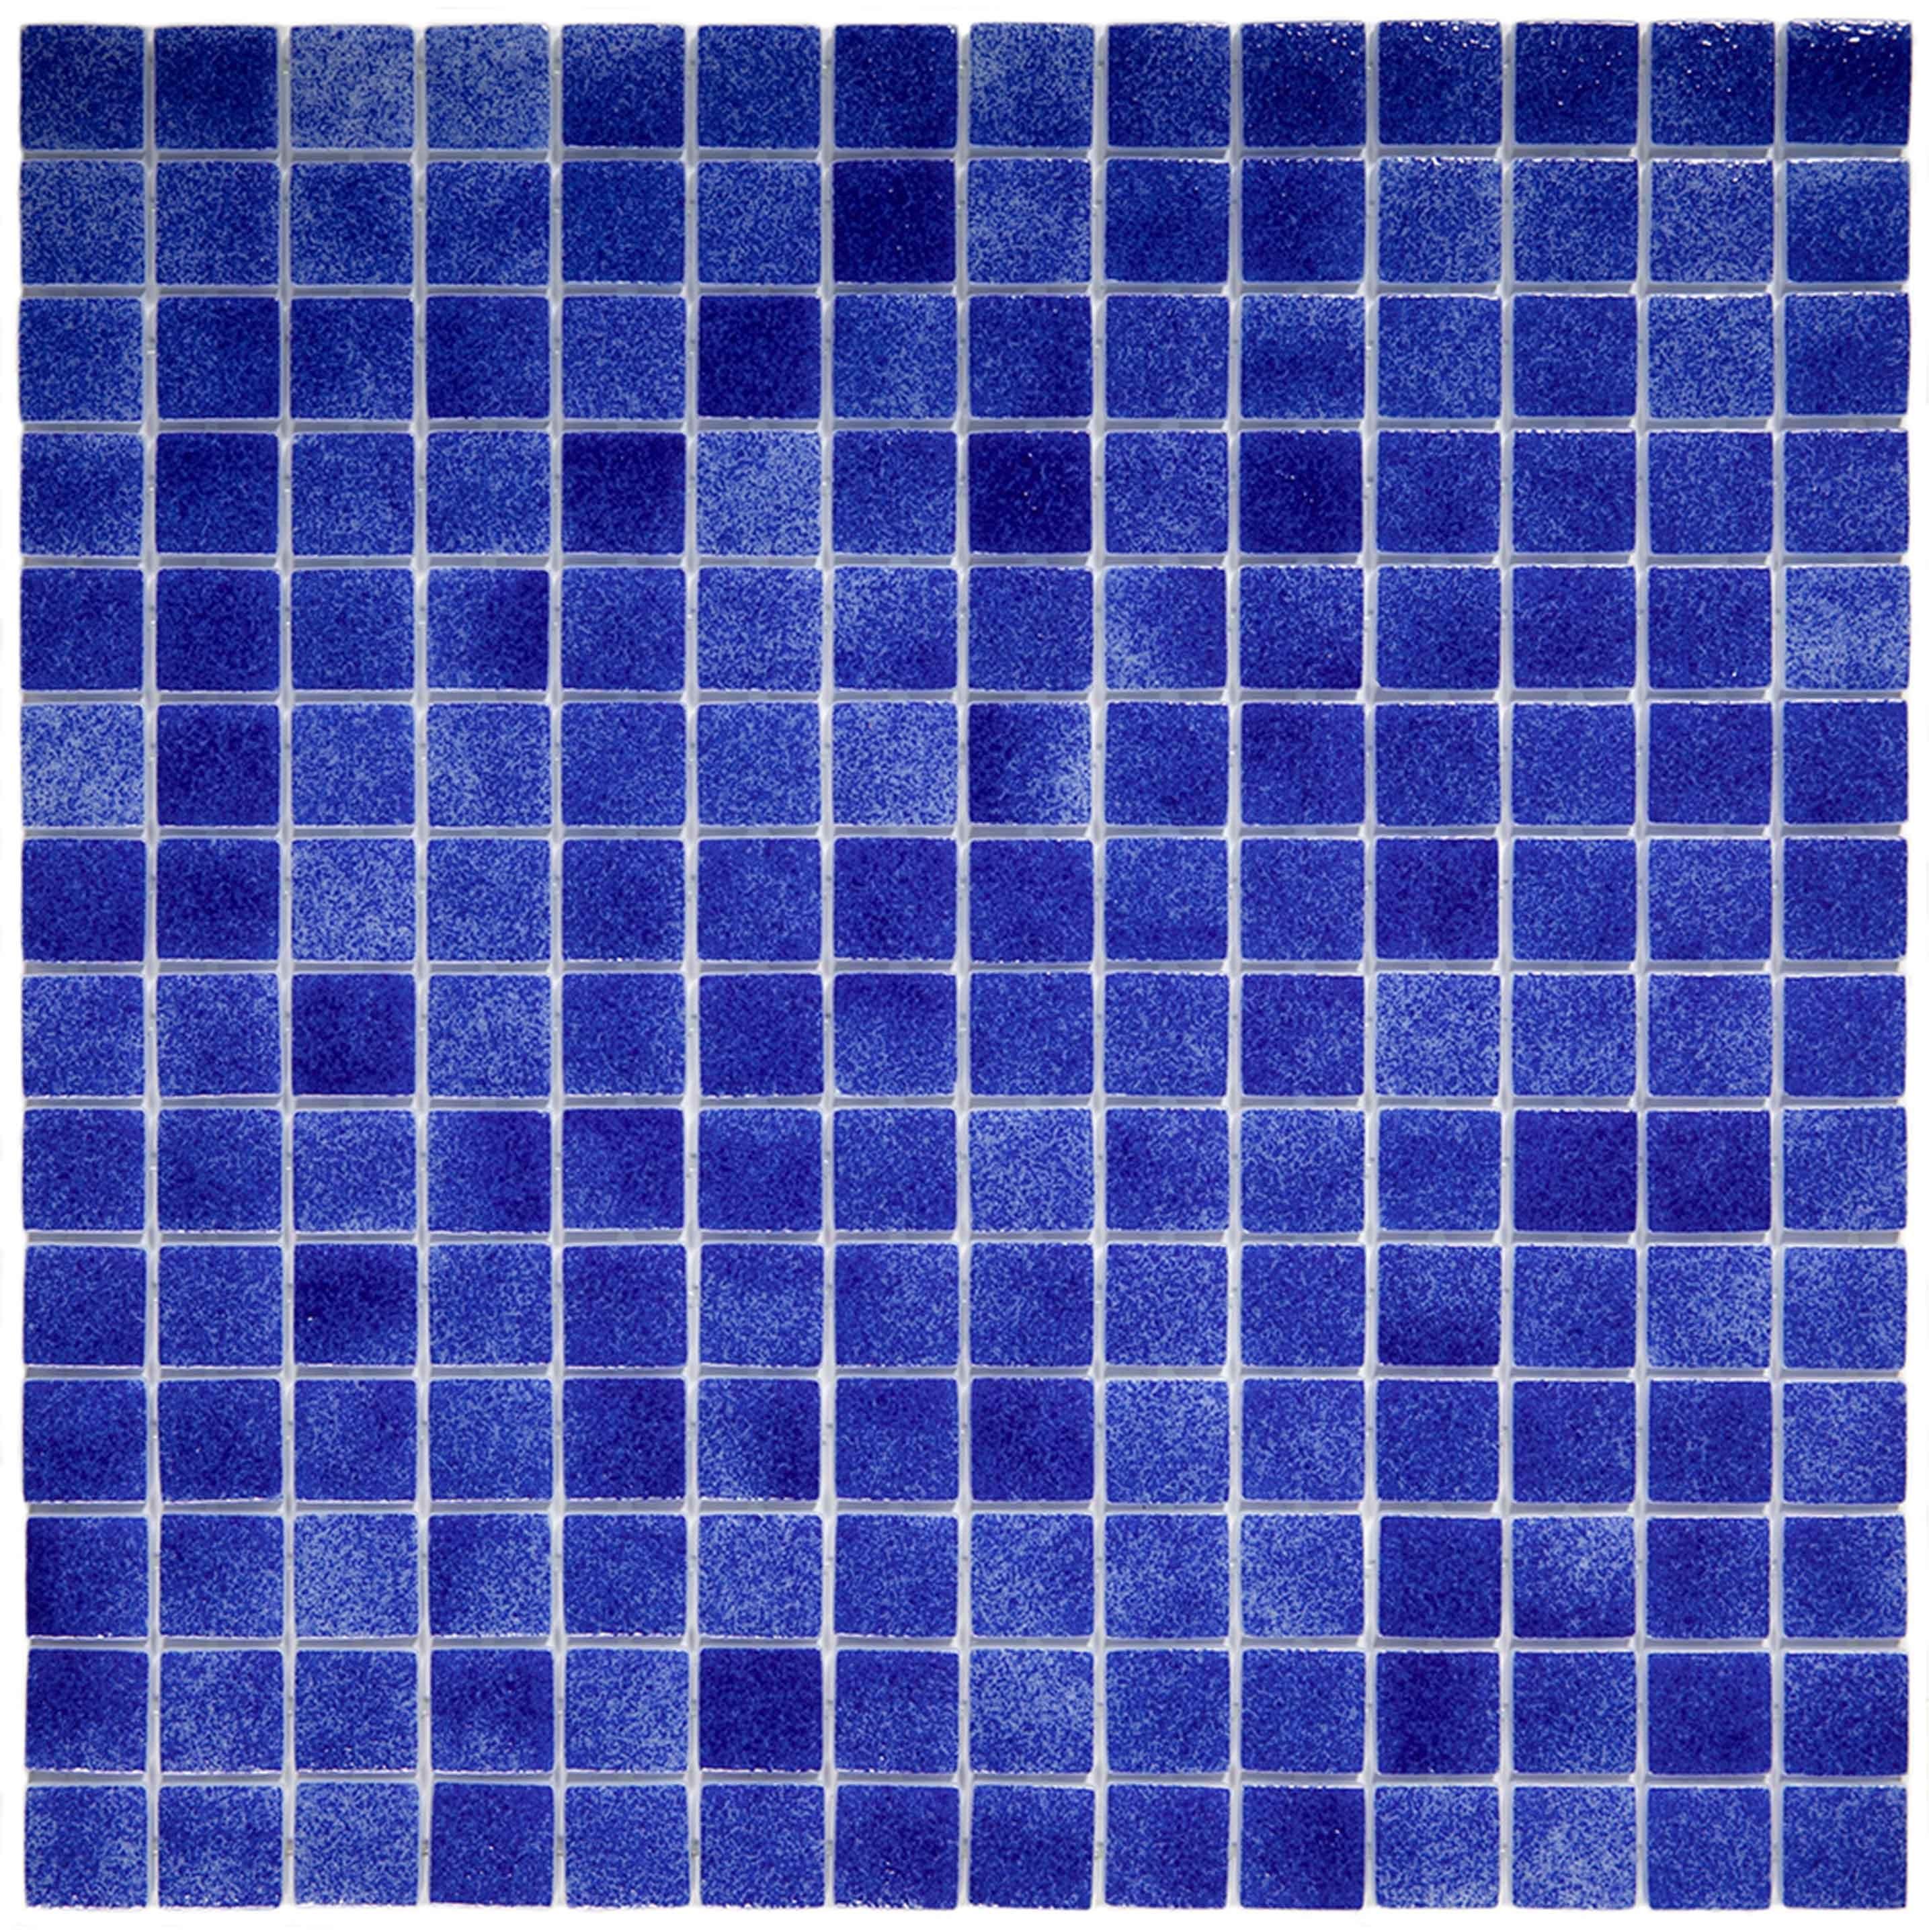 Pool-Tiles Hero Hisbalit Jonico-hero-gallery-2